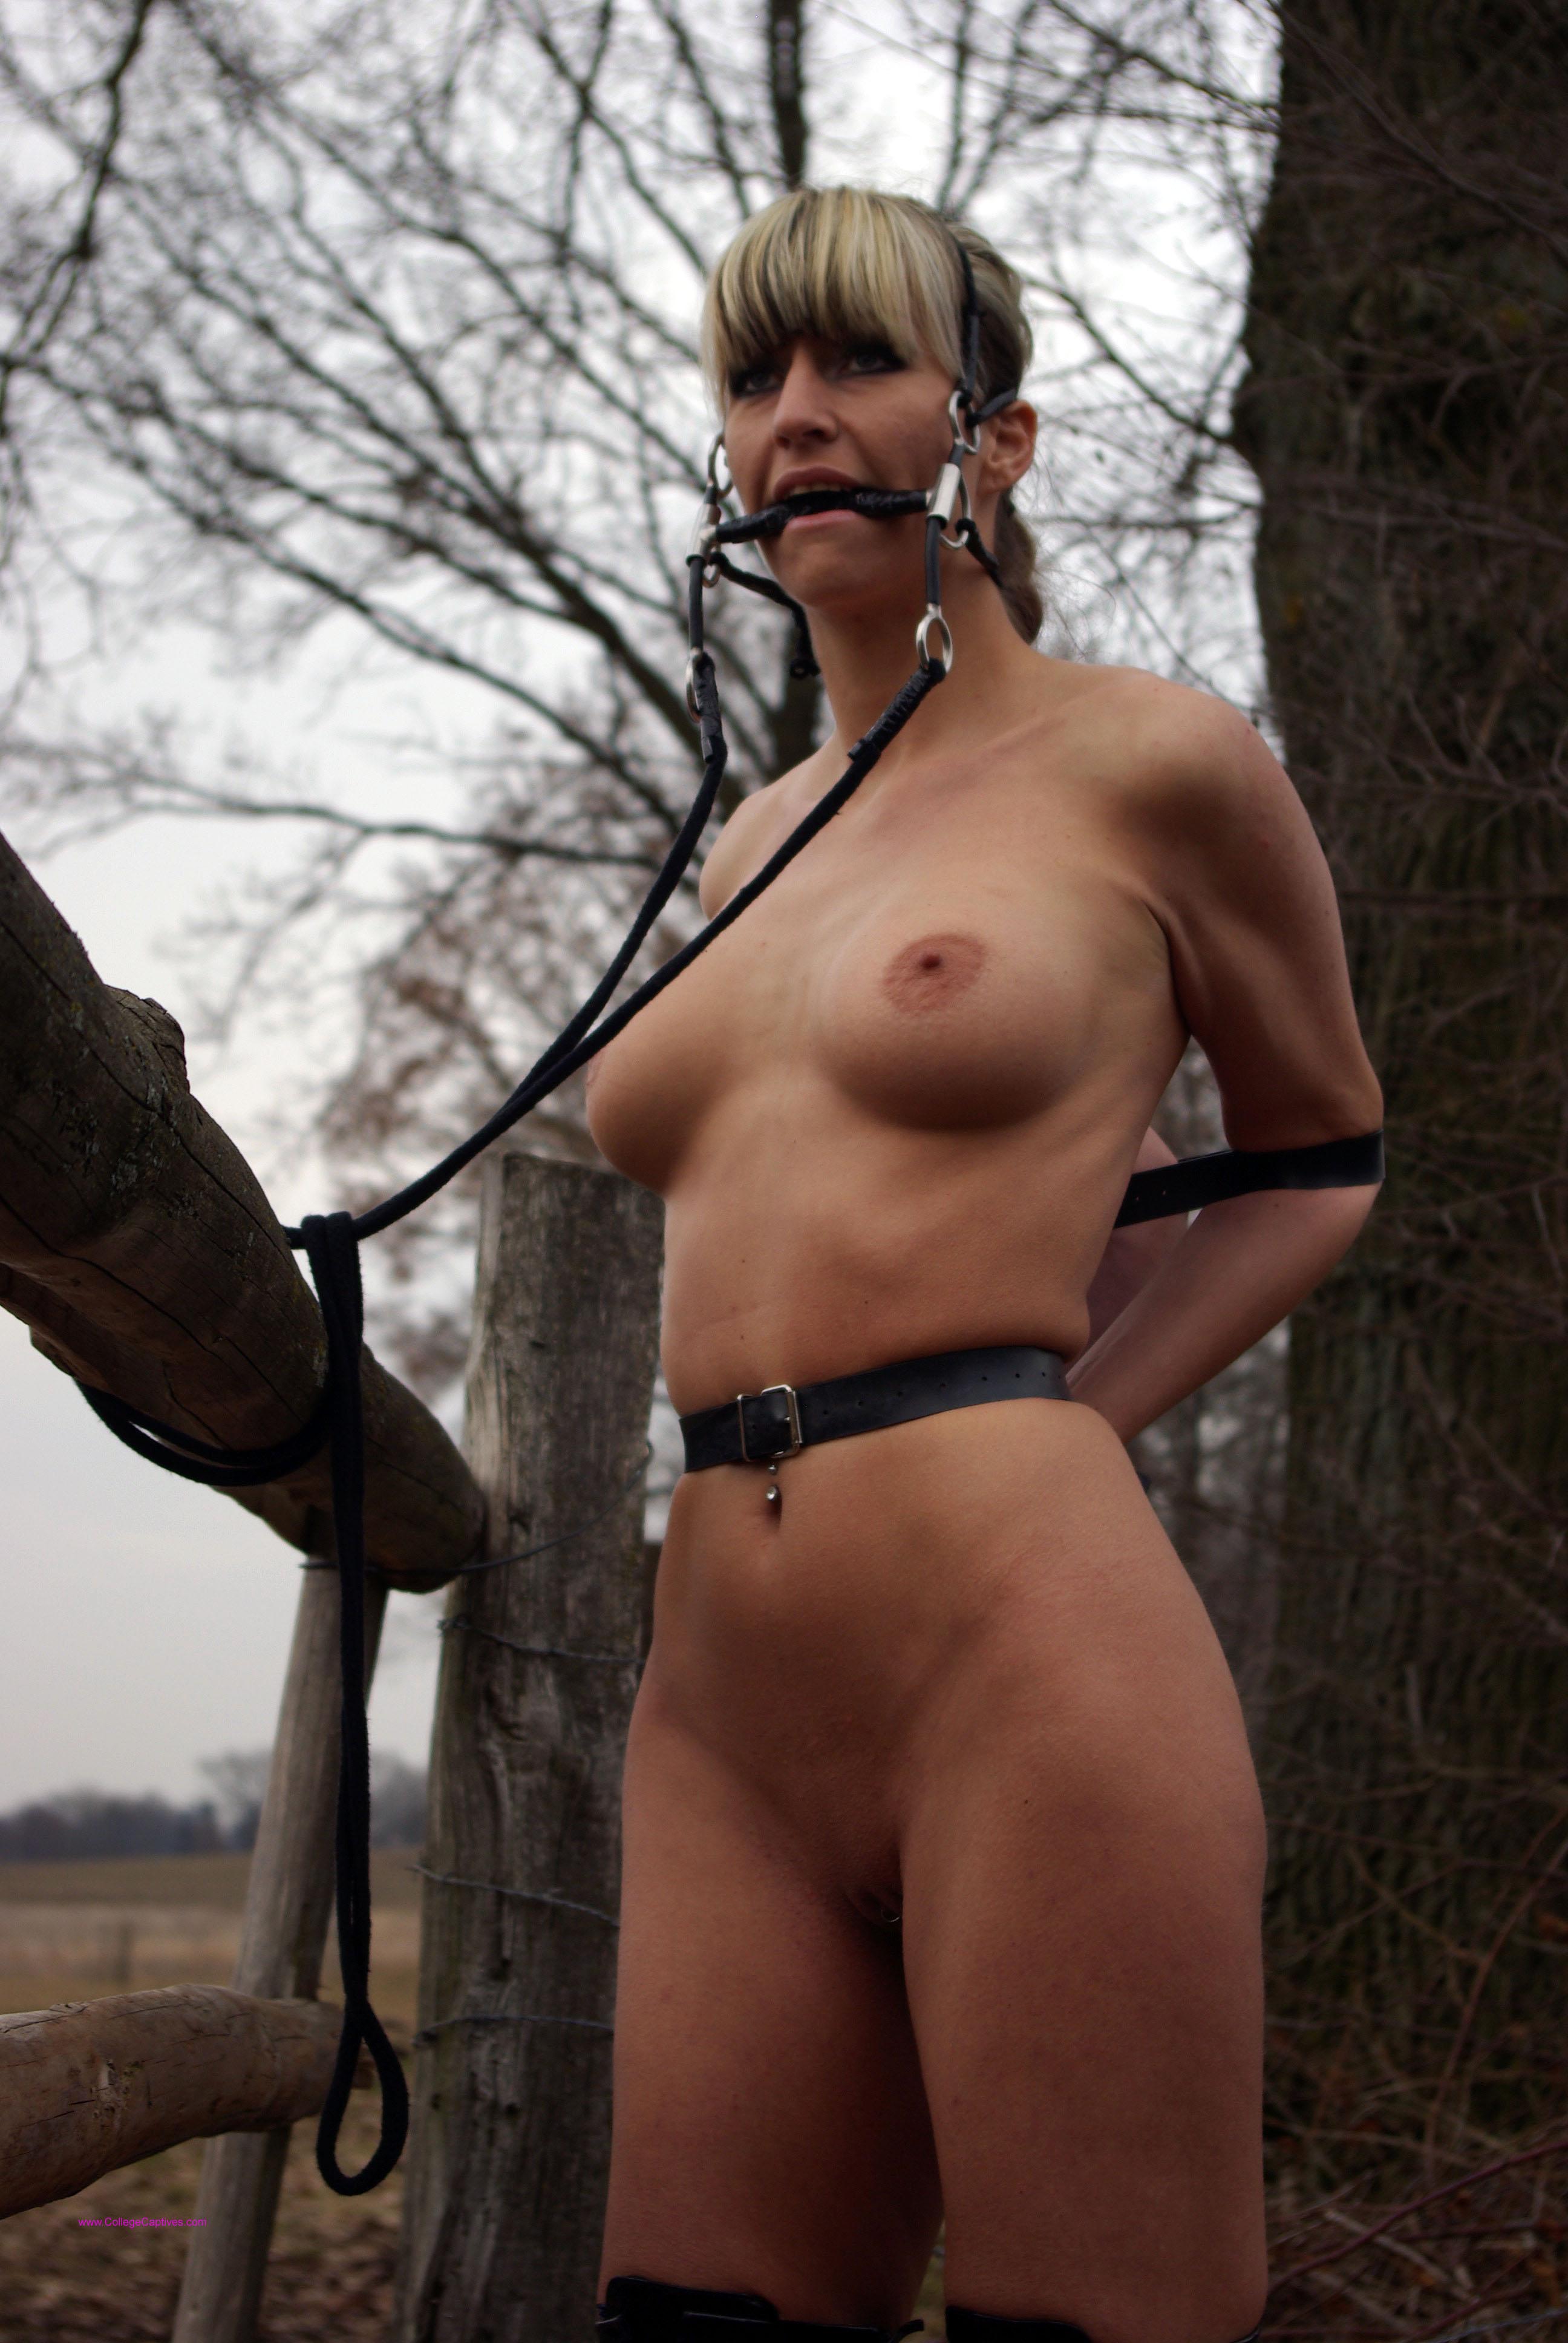 Фото бдсм в лесу 21 фотография